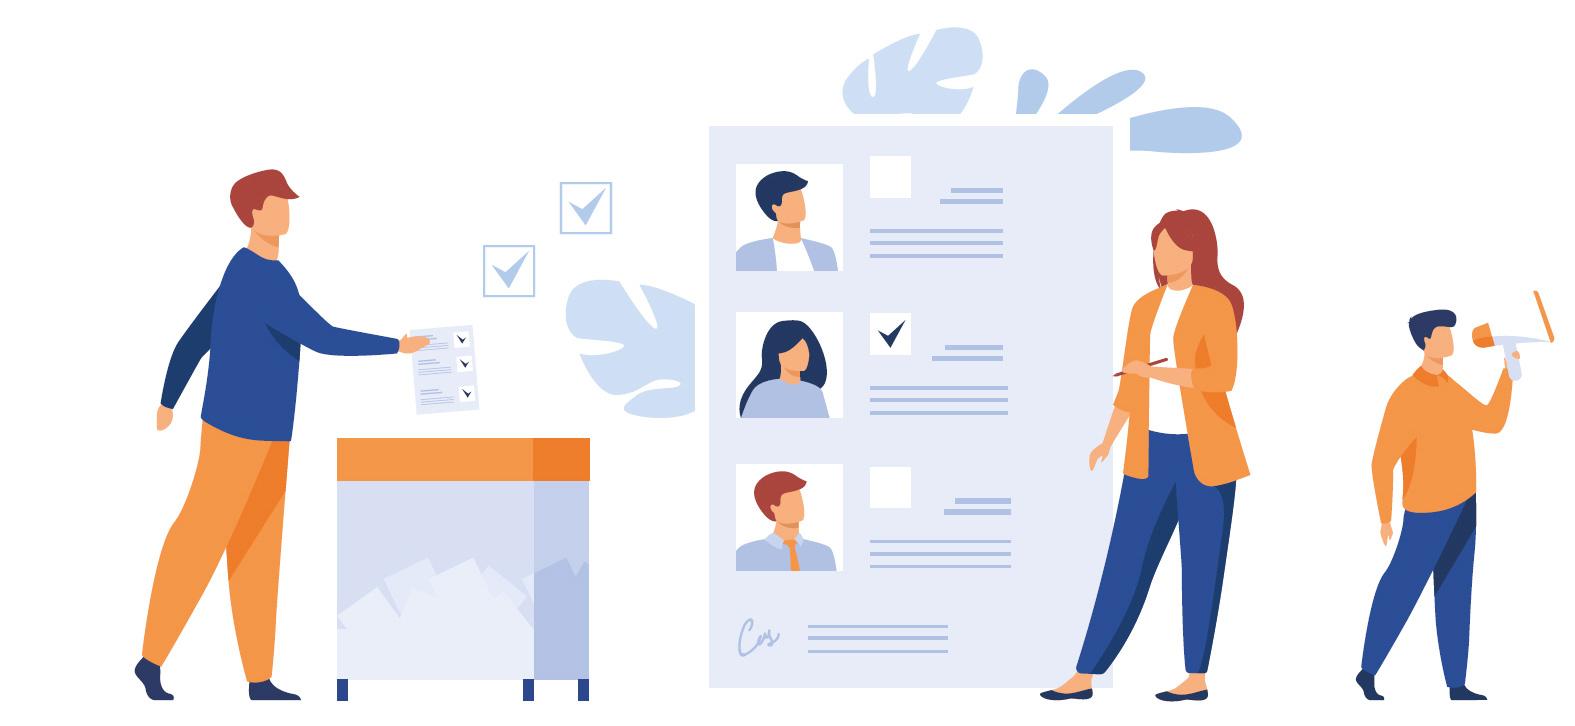 Élections URPS : êtes-vous bien inscrits sur les listes électorales ? Vérifiez-le avant le 31 décembre